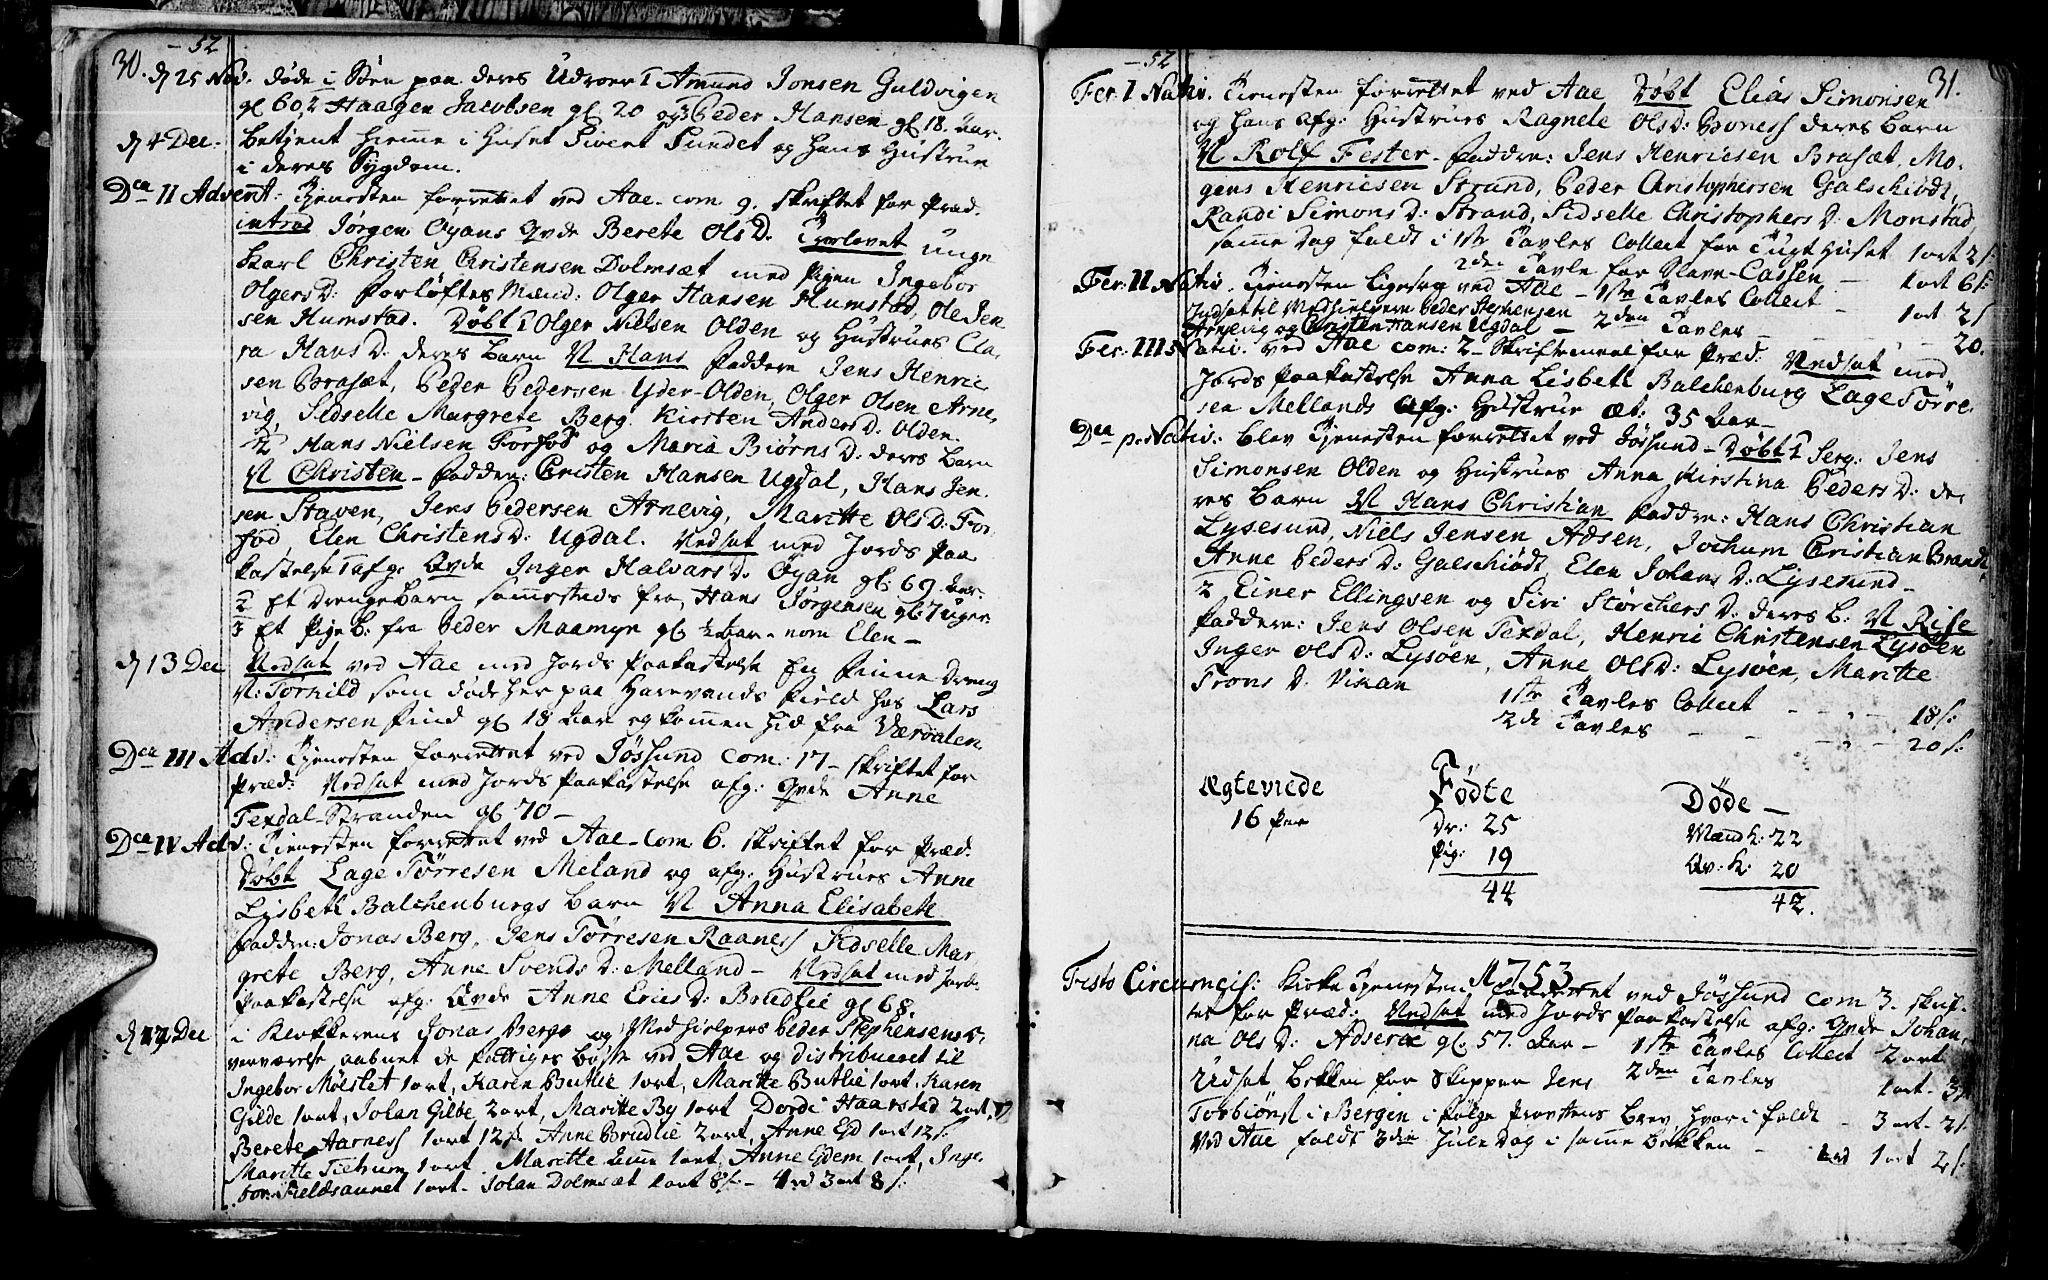 SAT, Ministerialprotokoller, klokkerbøker og fødselsregistre - Sør-Trøndelag, 655/L0672: Ministerialbok nr. 655A01, 1750-1779, s. 30-31